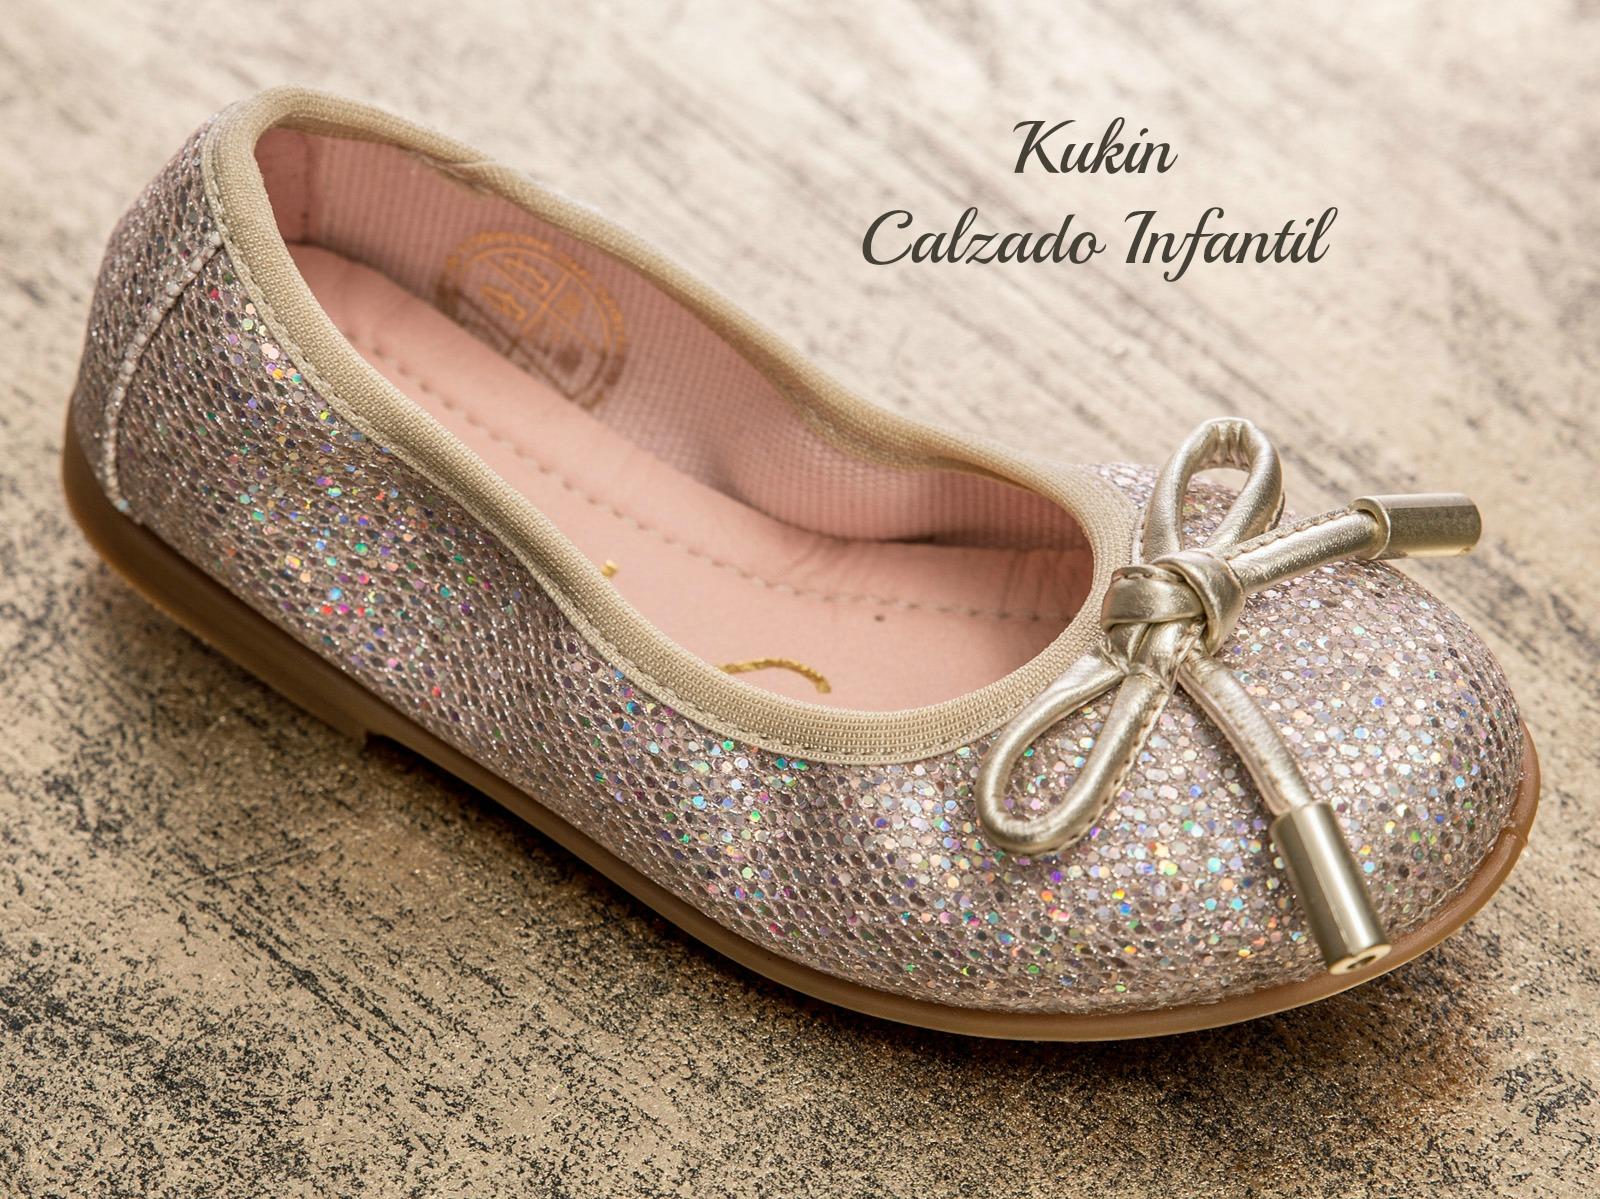 2dcc57e719f Bailarinas Unisa para niña - Kukin Calzado Infantil Blog